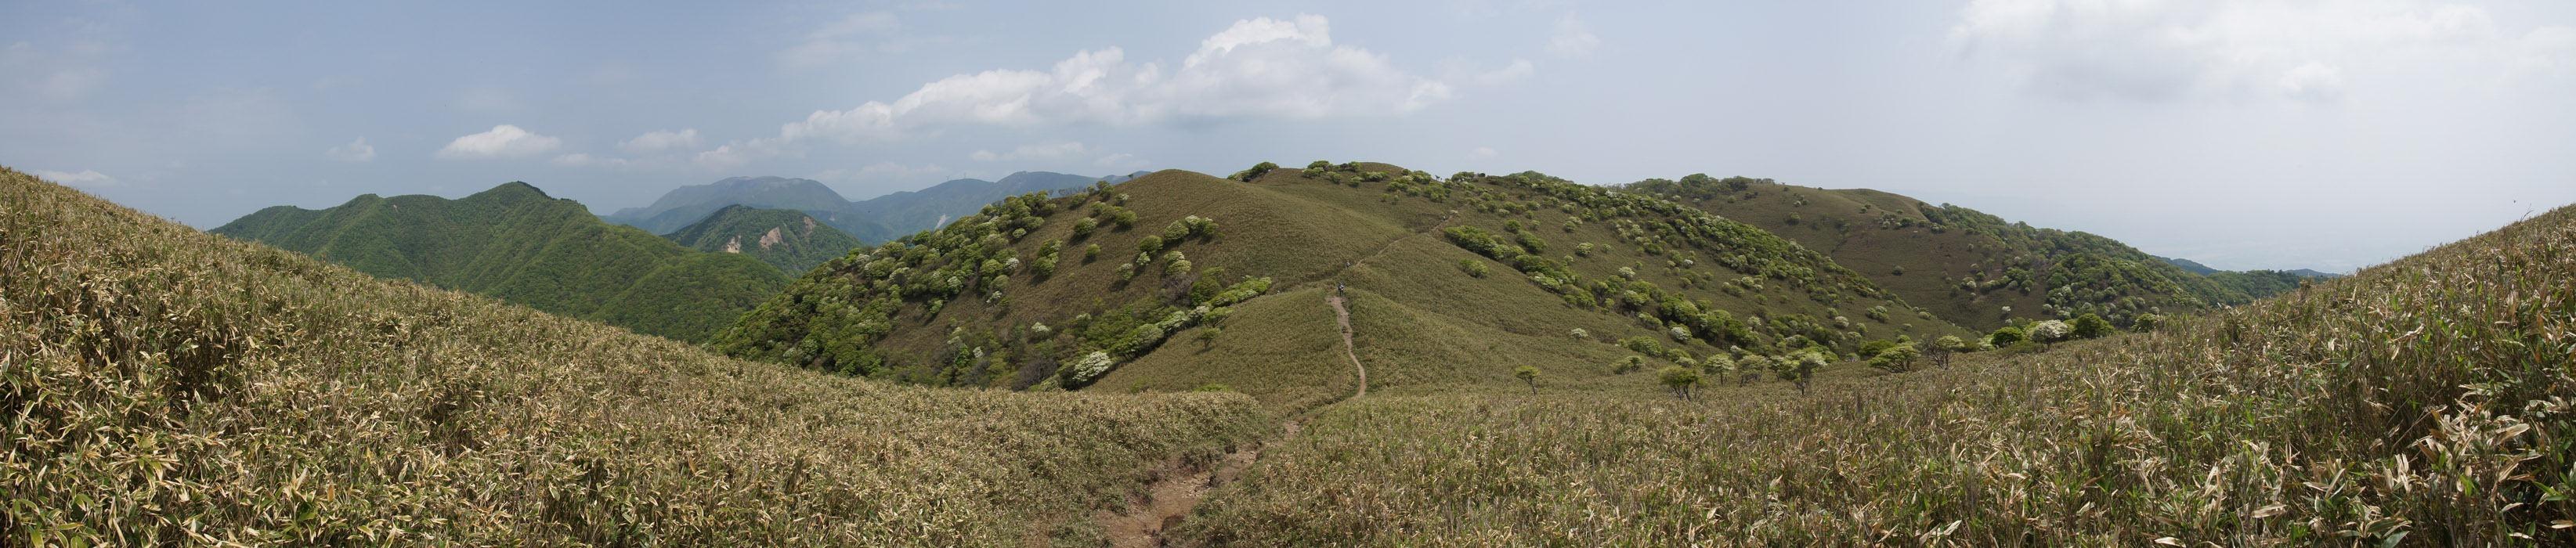 DSC02217 Panorama